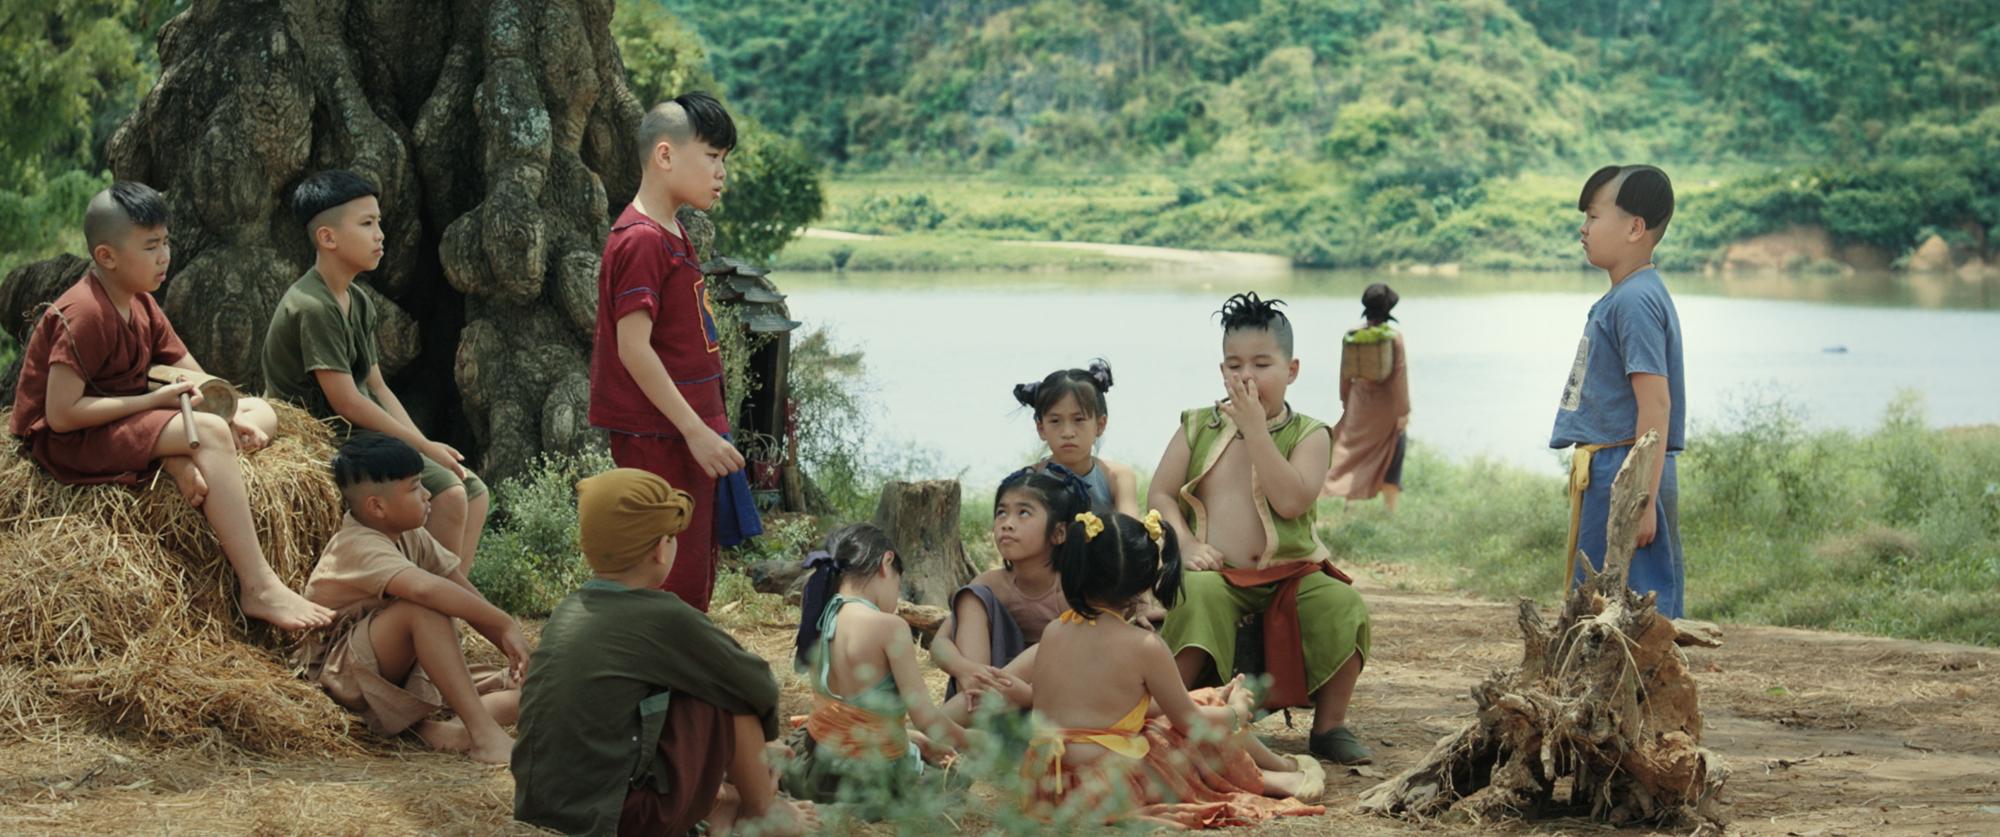 """Phim """"Trạng Tí"""" tung trailer hấp dẫn - Báo Người lao động"""